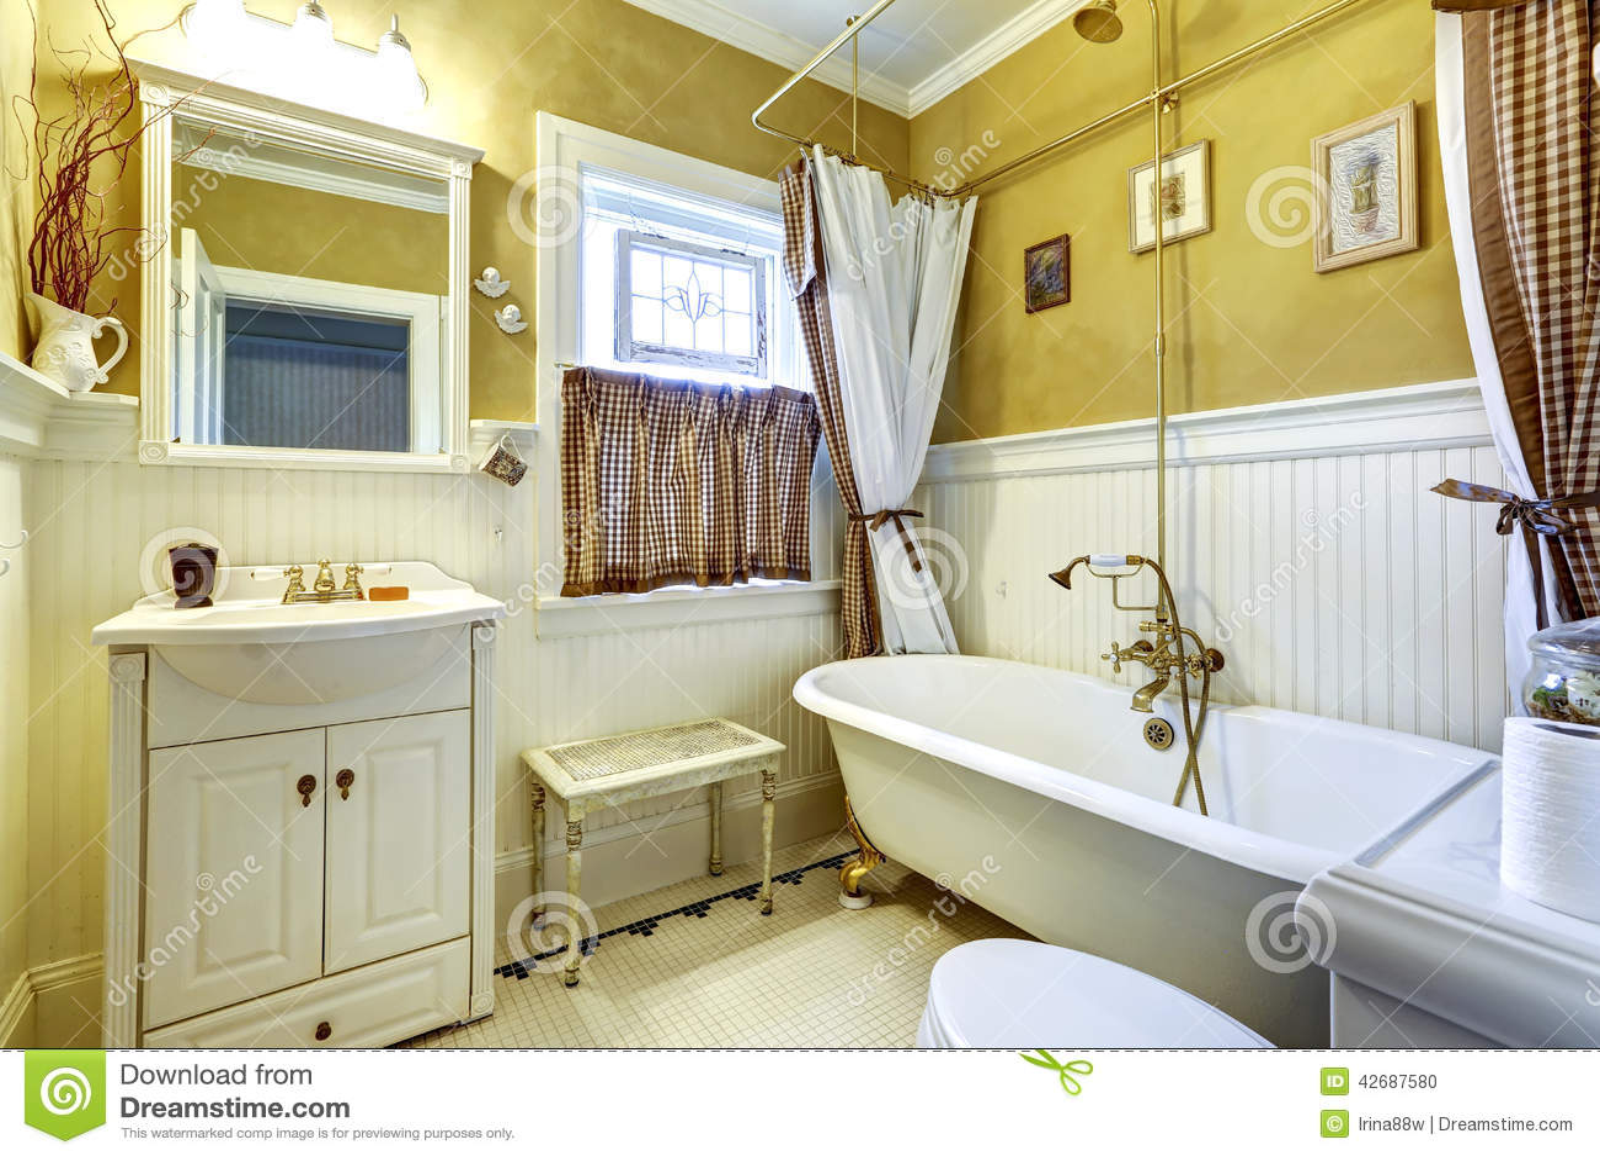 Int rieur antique blanc et jaune de salle de bains photo for Interieur de la bouche blanche